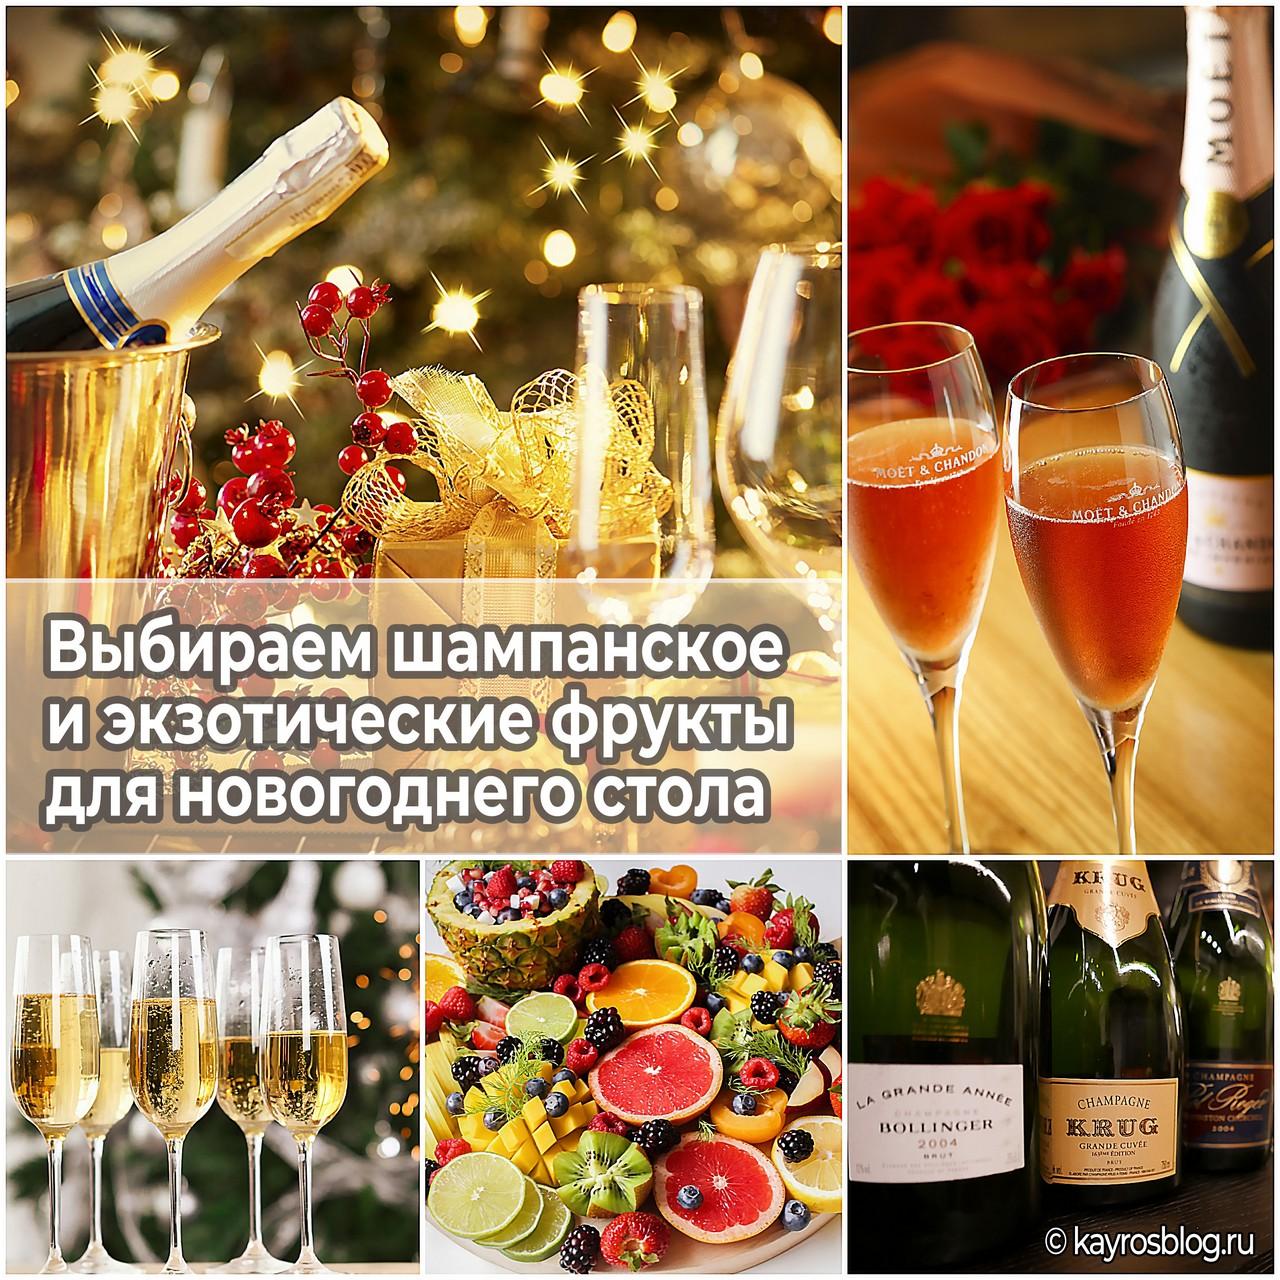 Выбираем шампанское и экзотические фрукты для новогоднего стола